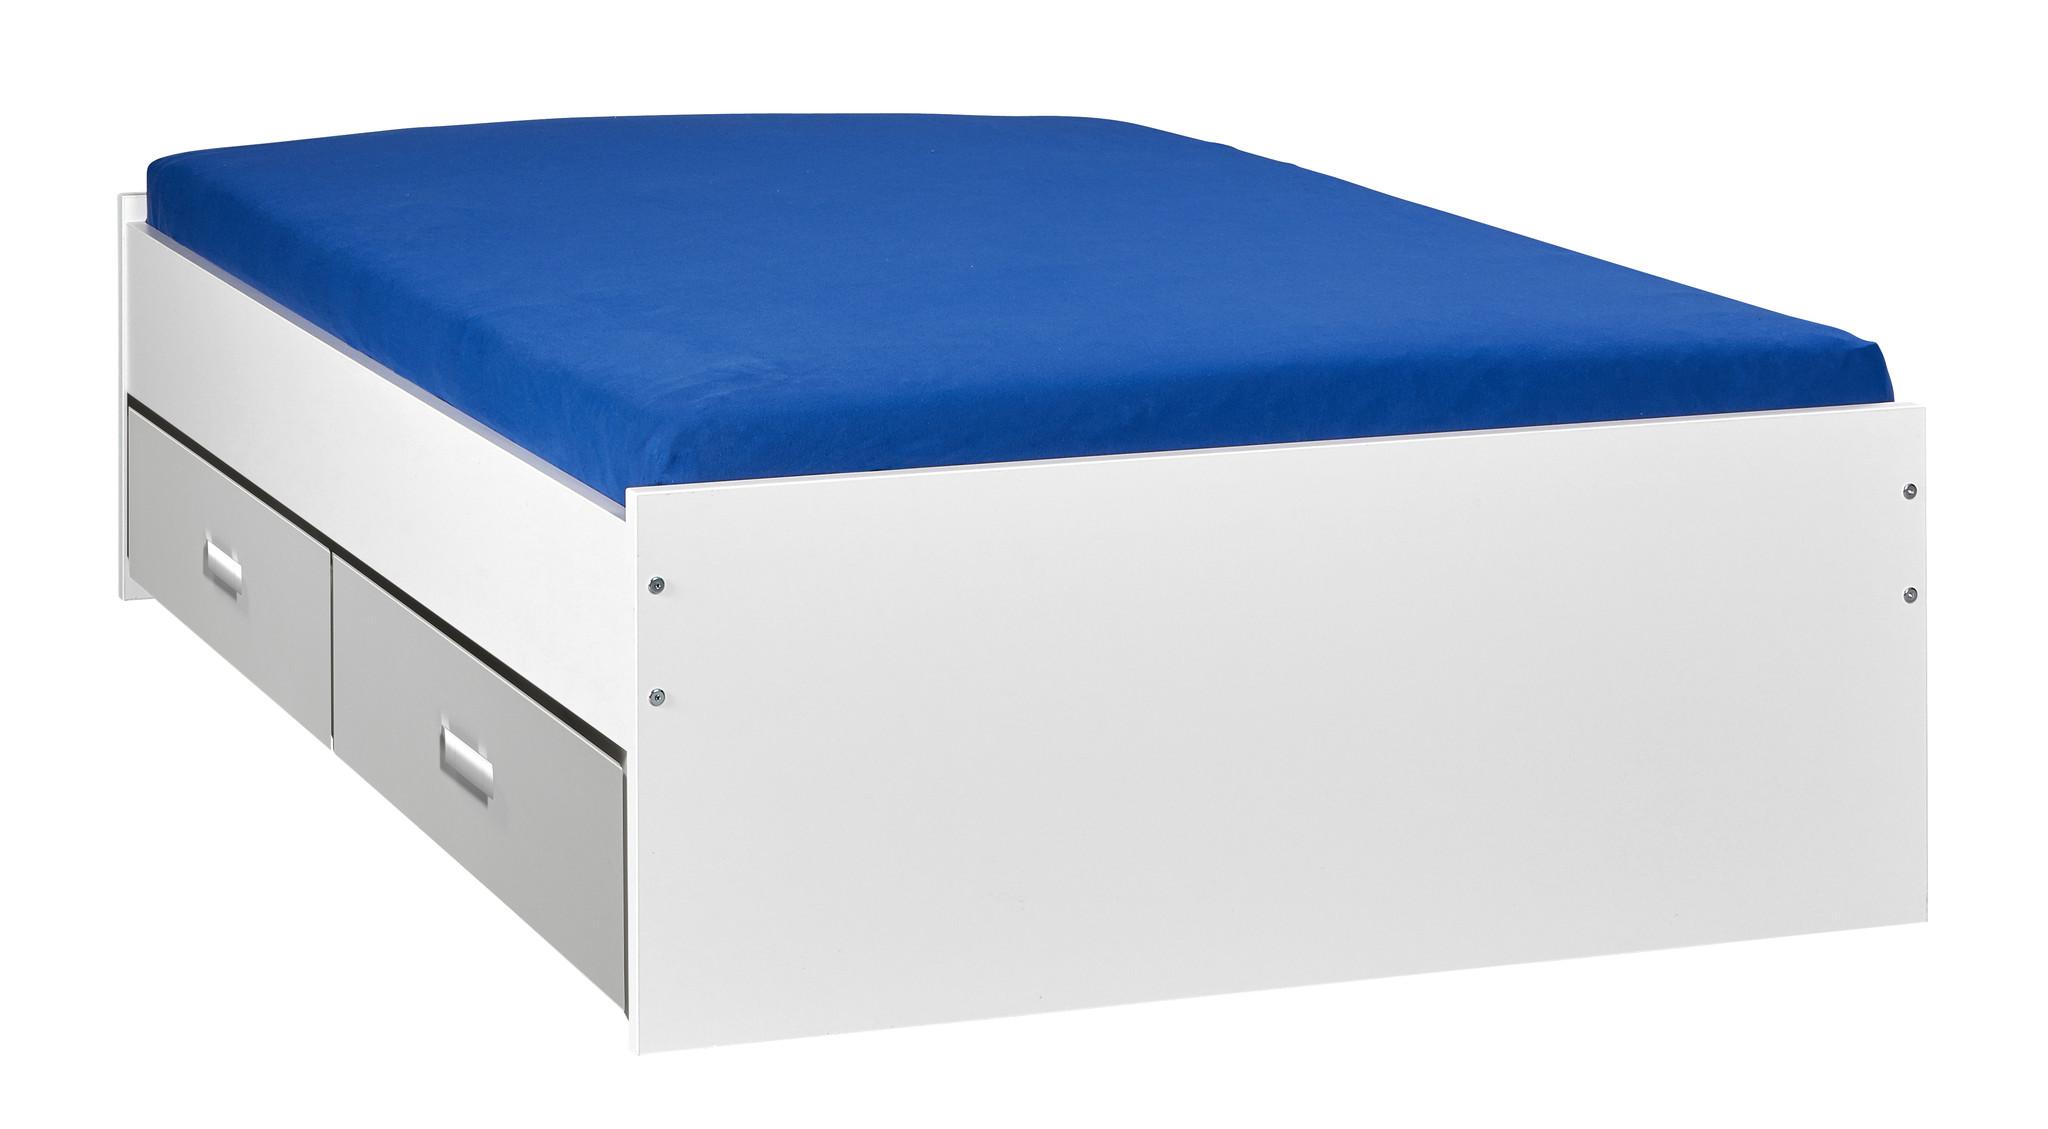 BEUK Bed met opbergruimte | 160x200 | Wit | Inclusief aluminium lades | 4 stuks 60cm diep